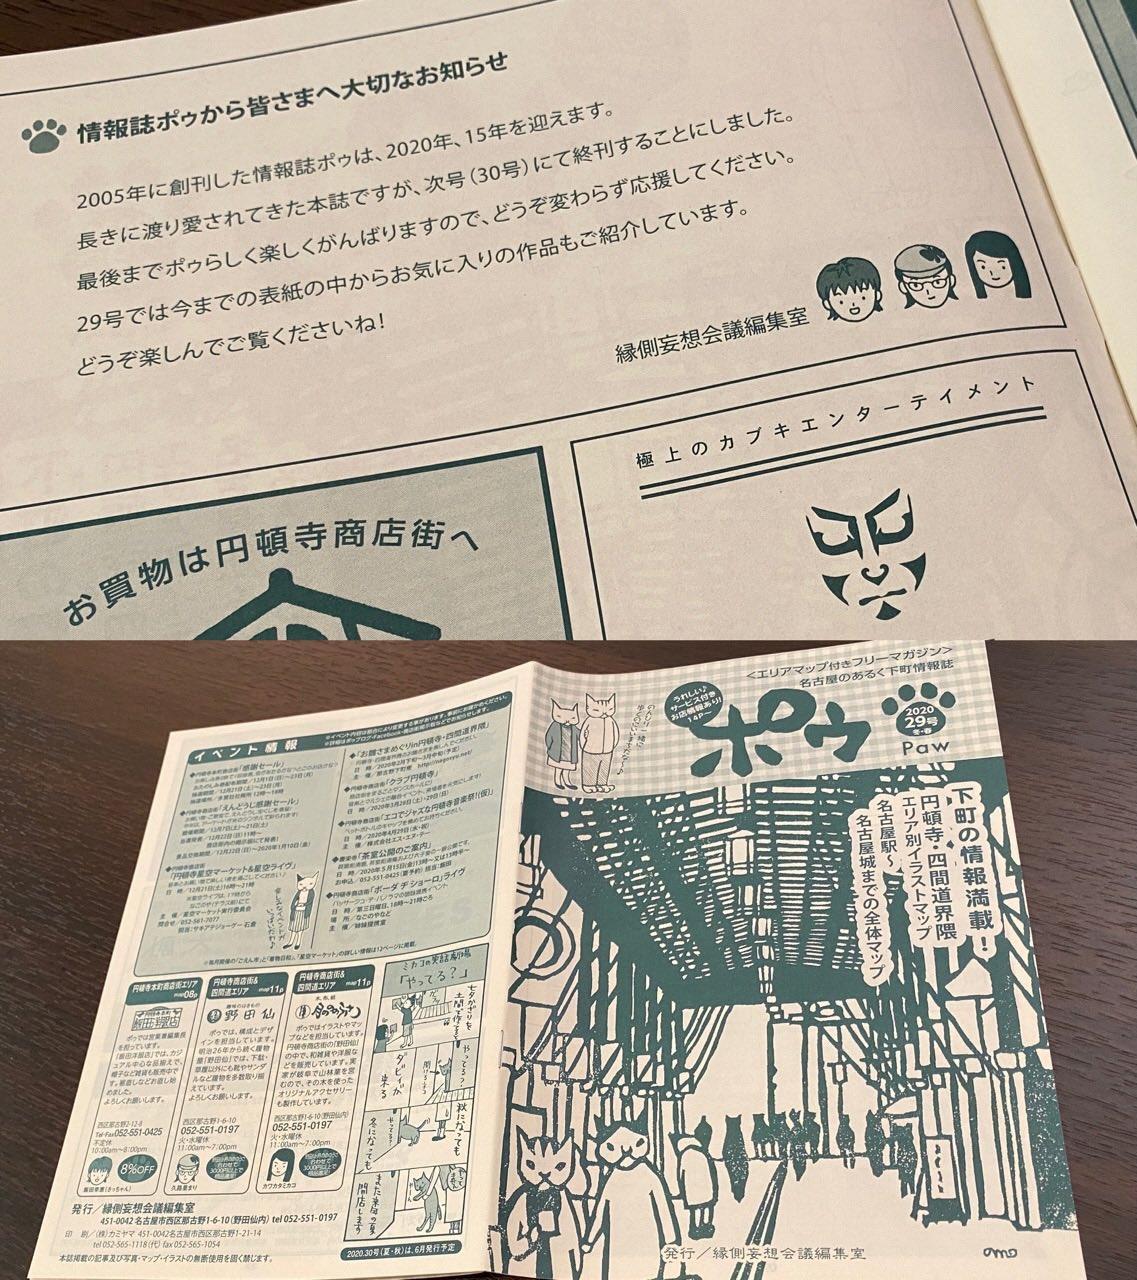 円頓寺商店街の情報誌ポゥが次号で終刊。 https://t.co/Skivo4Lym4